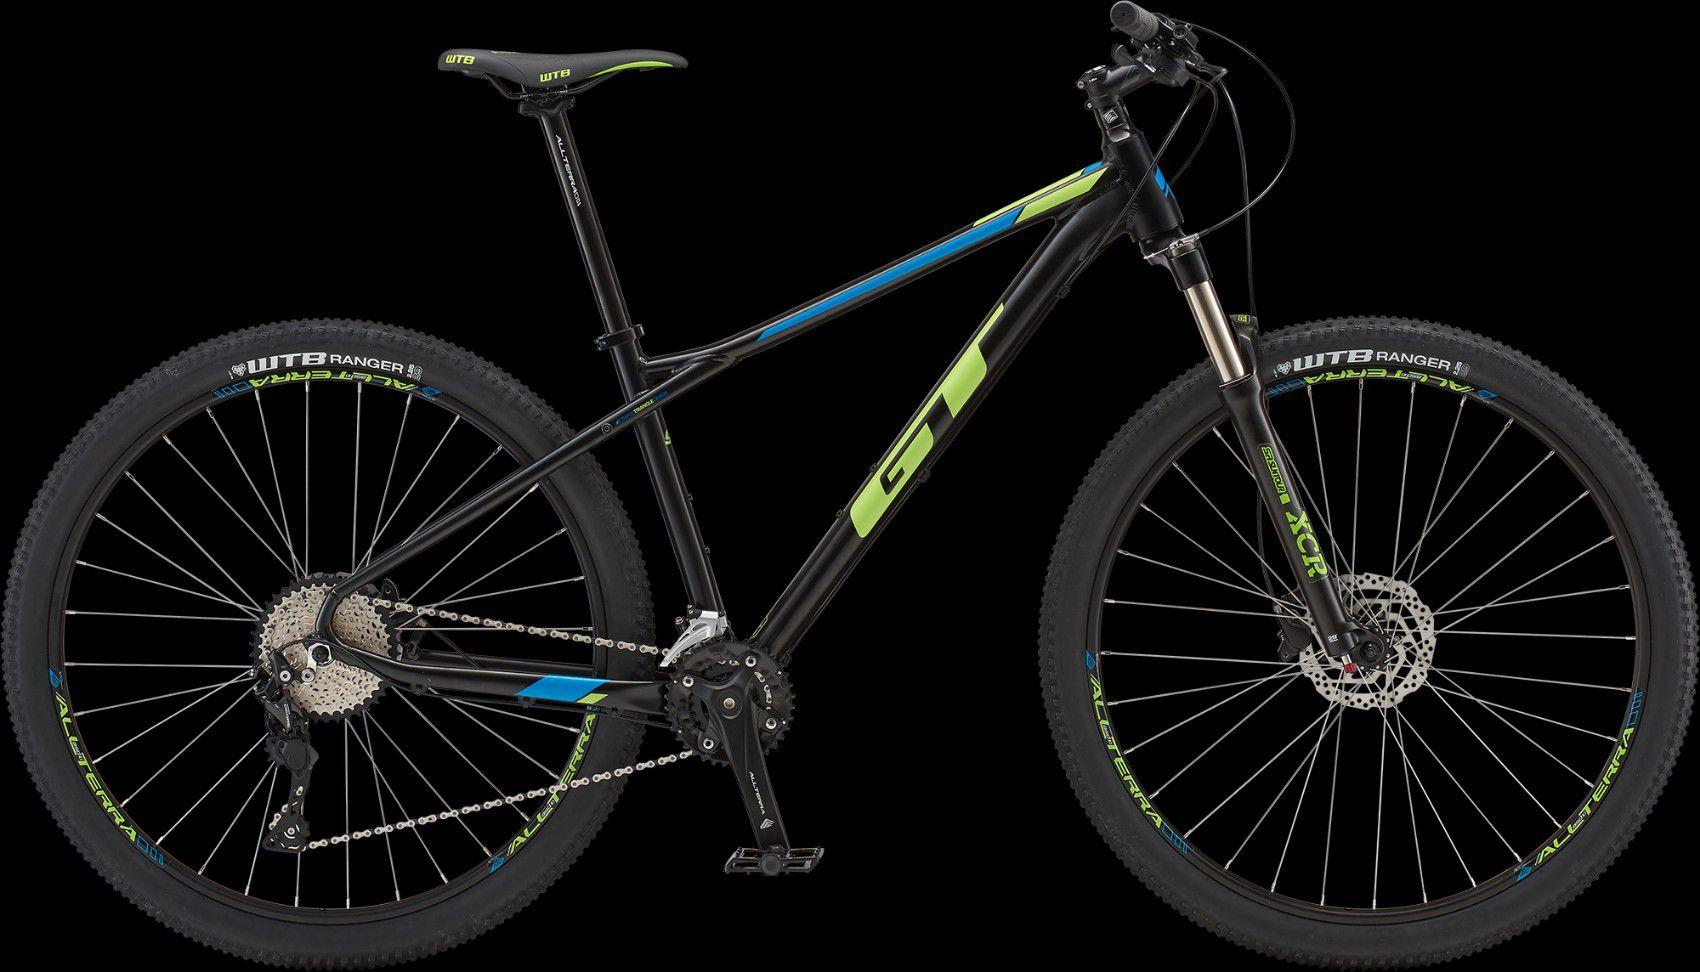 Bicicleta GT Avalanche Elite 29 2019 - 20v Shimano Deore - Suspensão Suntour a AR